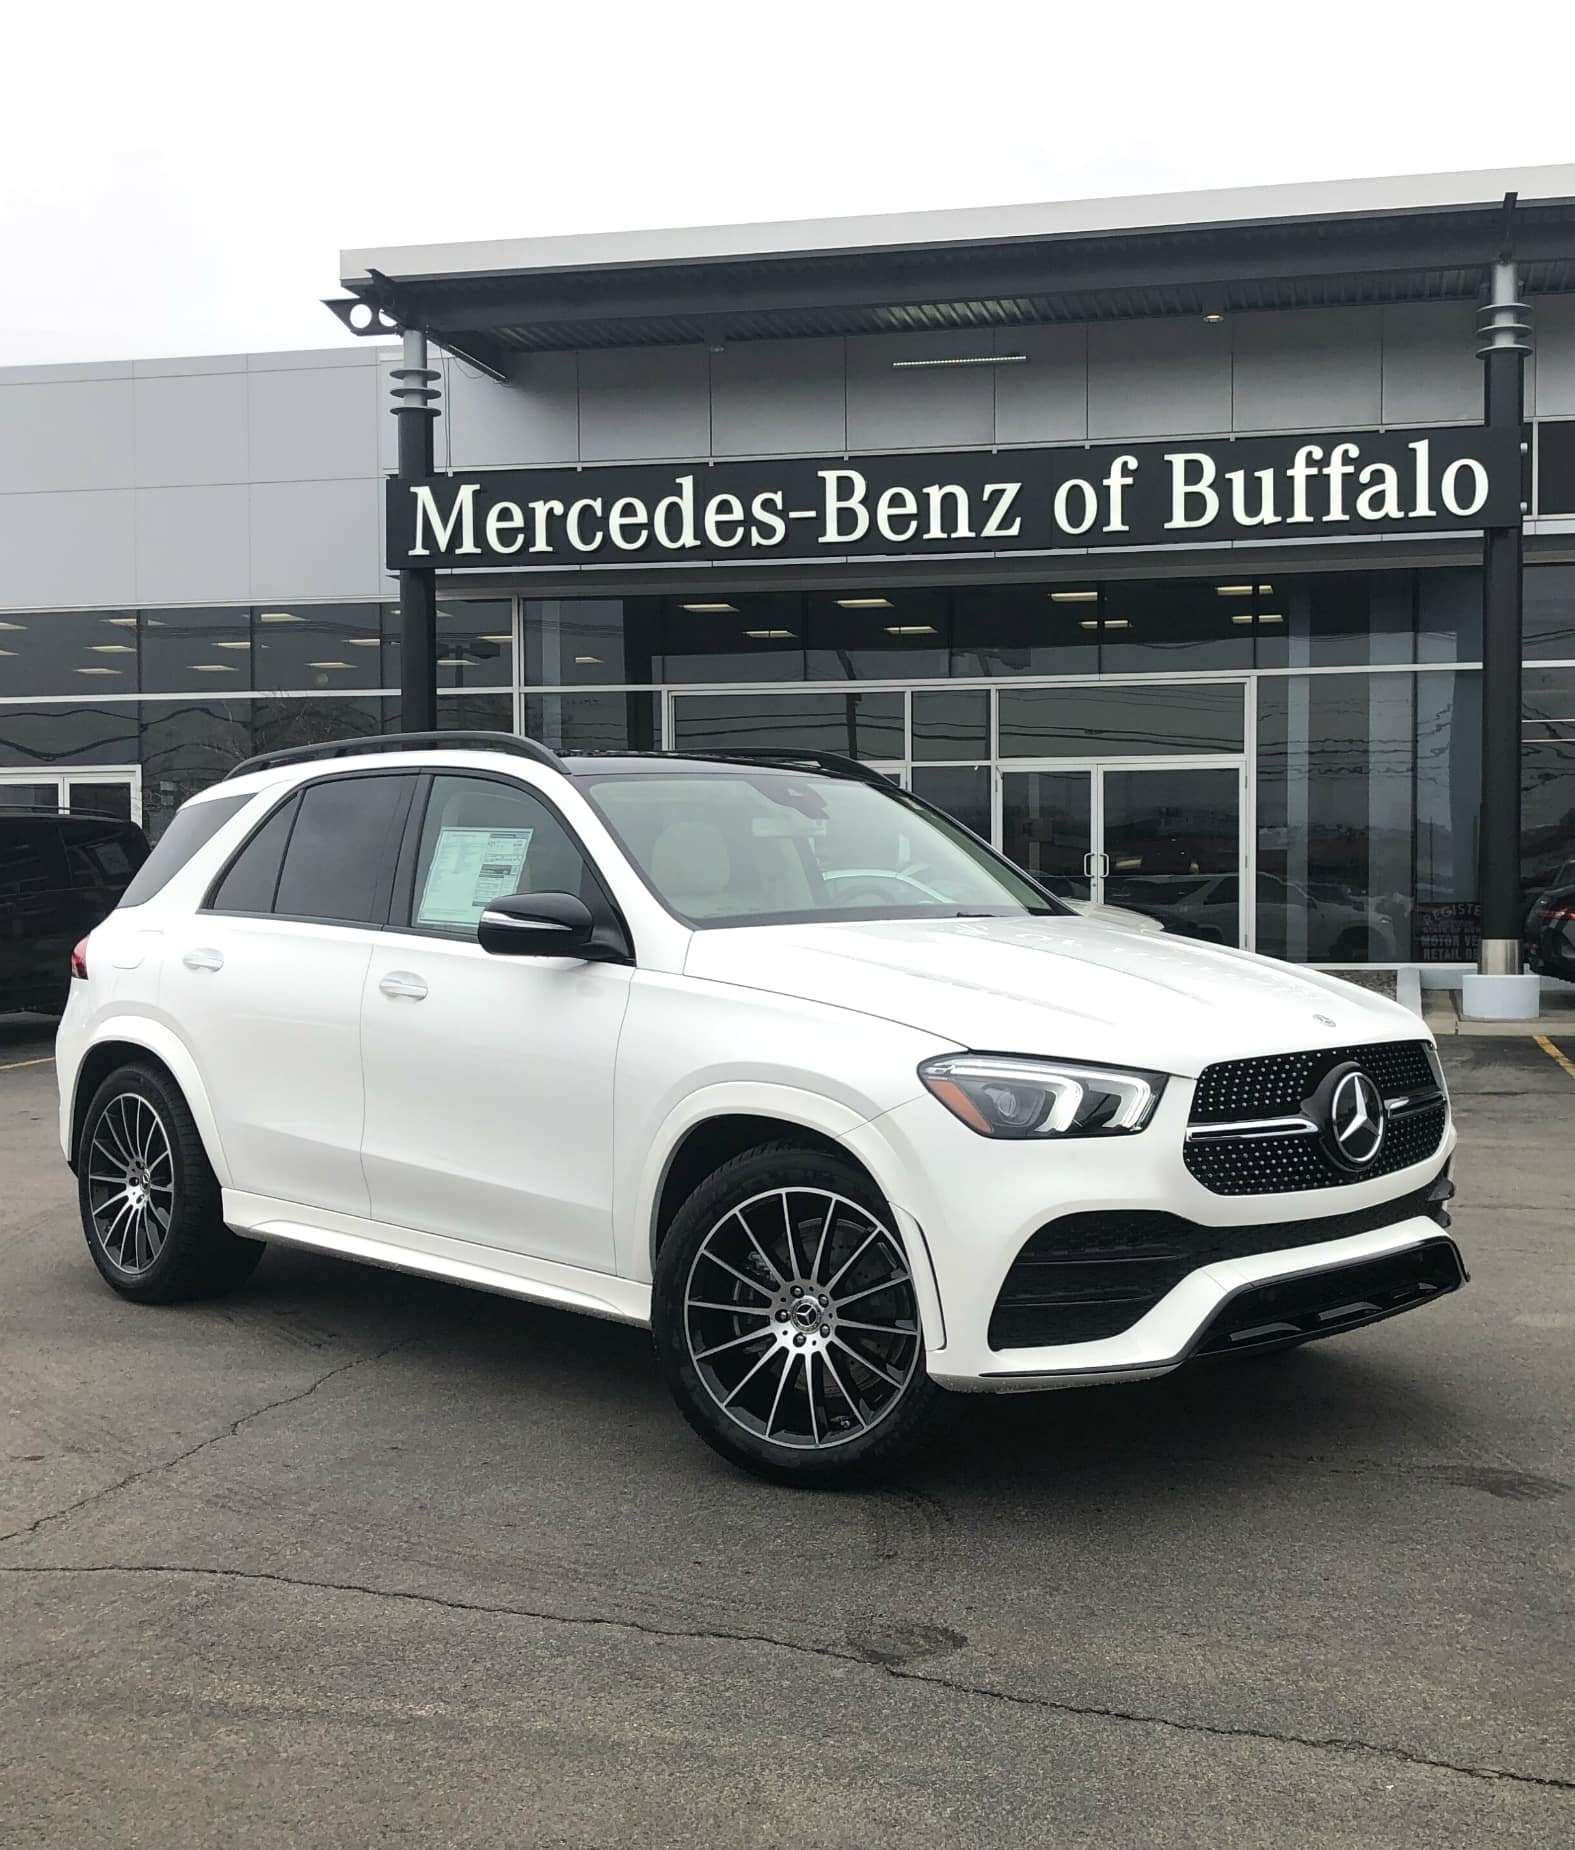 Mercedes-Benz of Buffalo | Mercedes-Benz Dealer in